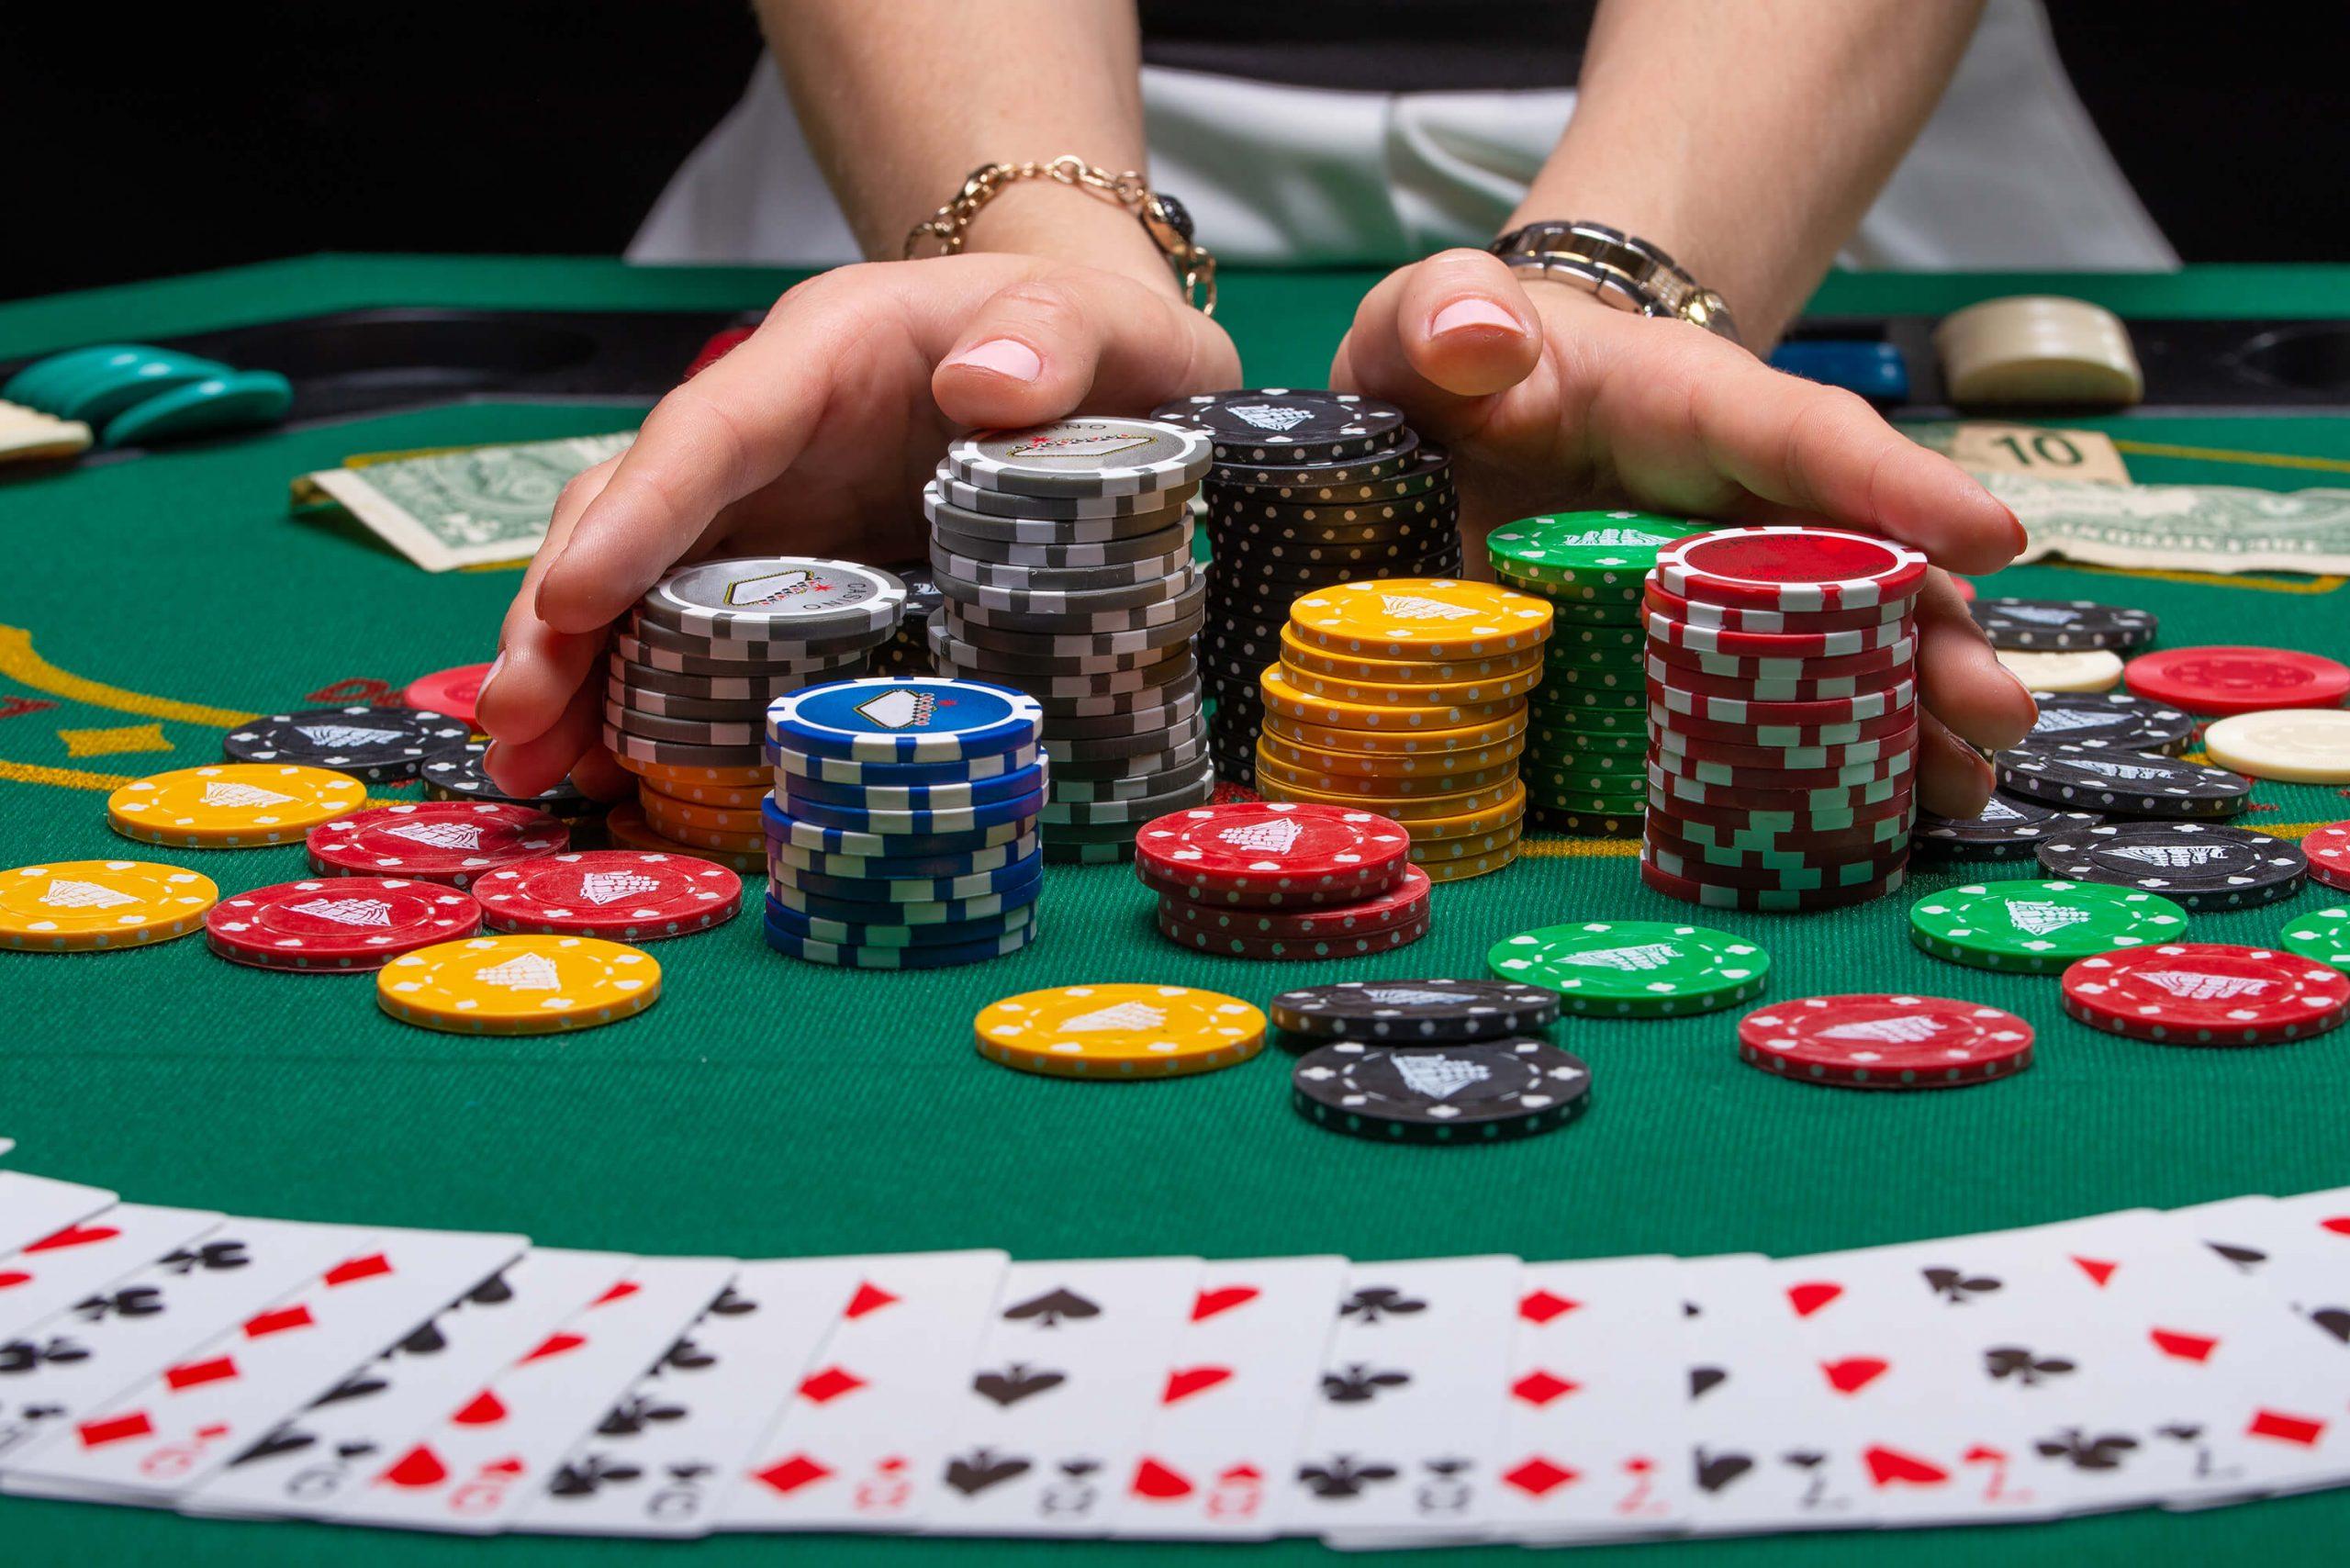 Aloita kasinopelaaminen helposti: Kasinot ilman rekisteröintiä